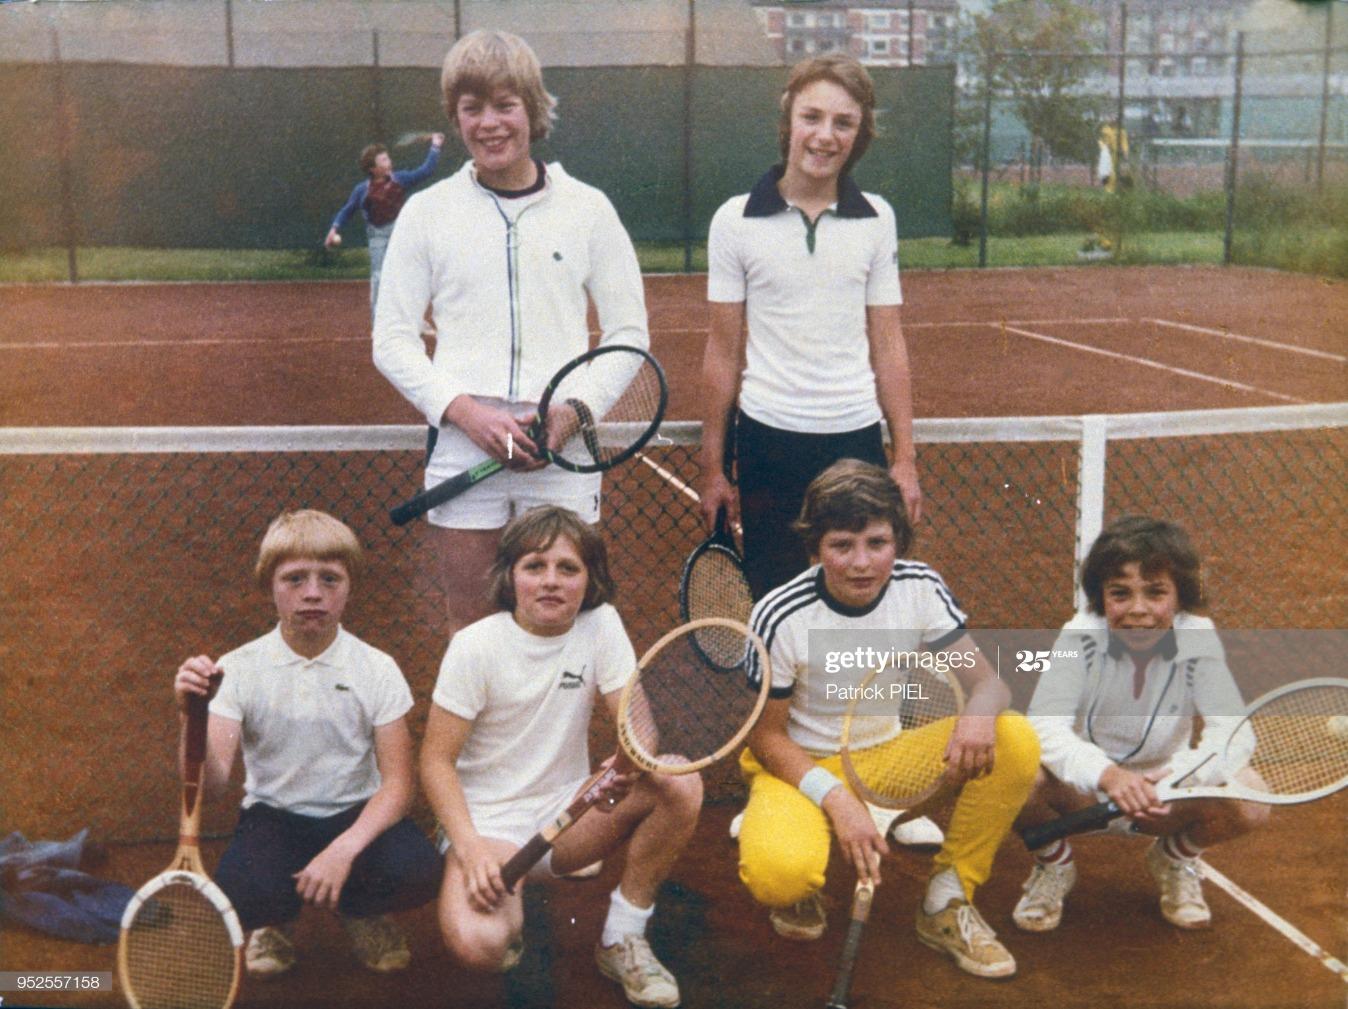 Boris Becker enfant lors d'une leçon de tennis : News Photo